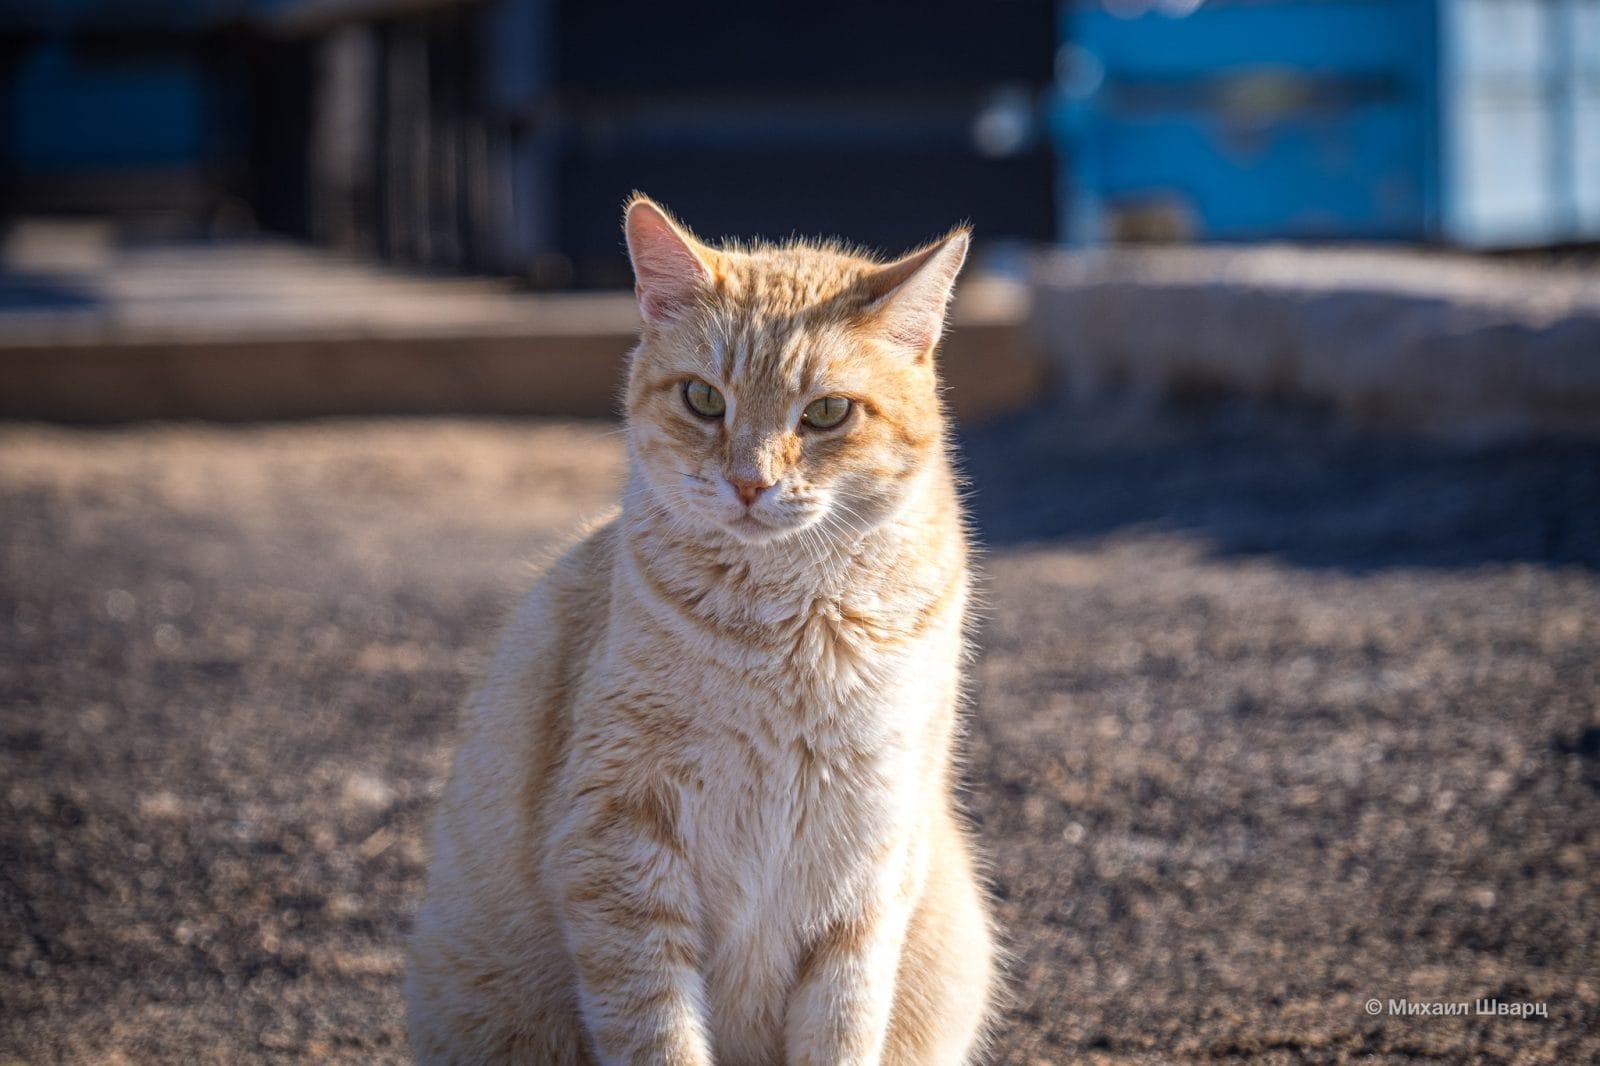 Уличный котик, житель города Калета-де-Фусте